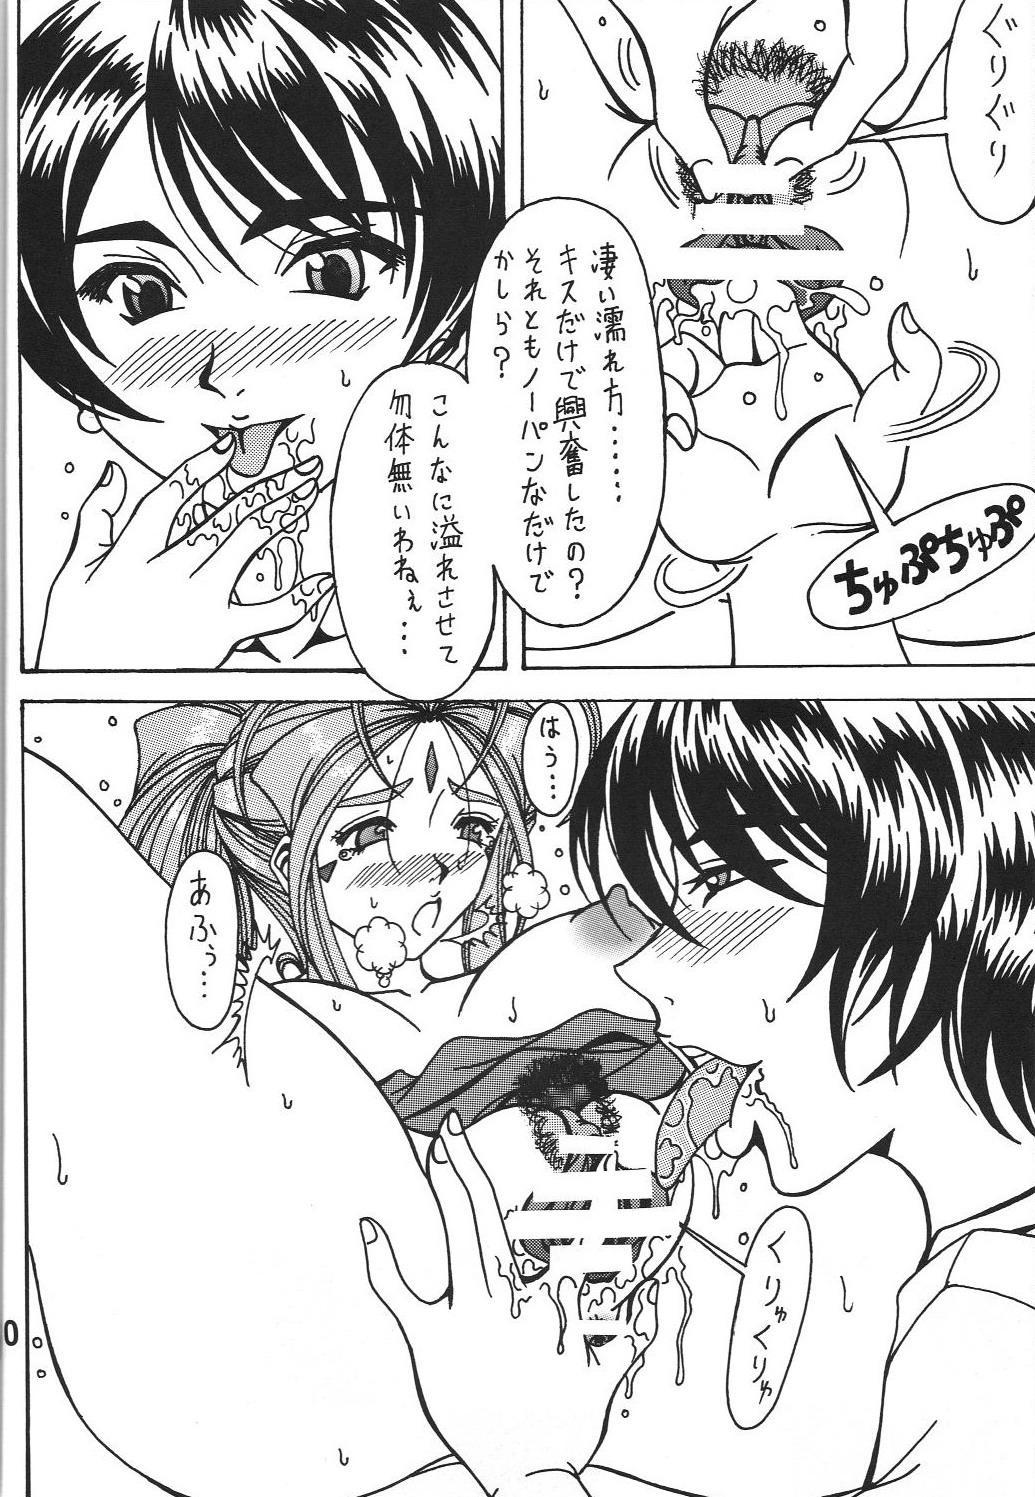 Megami no yuri kago 8